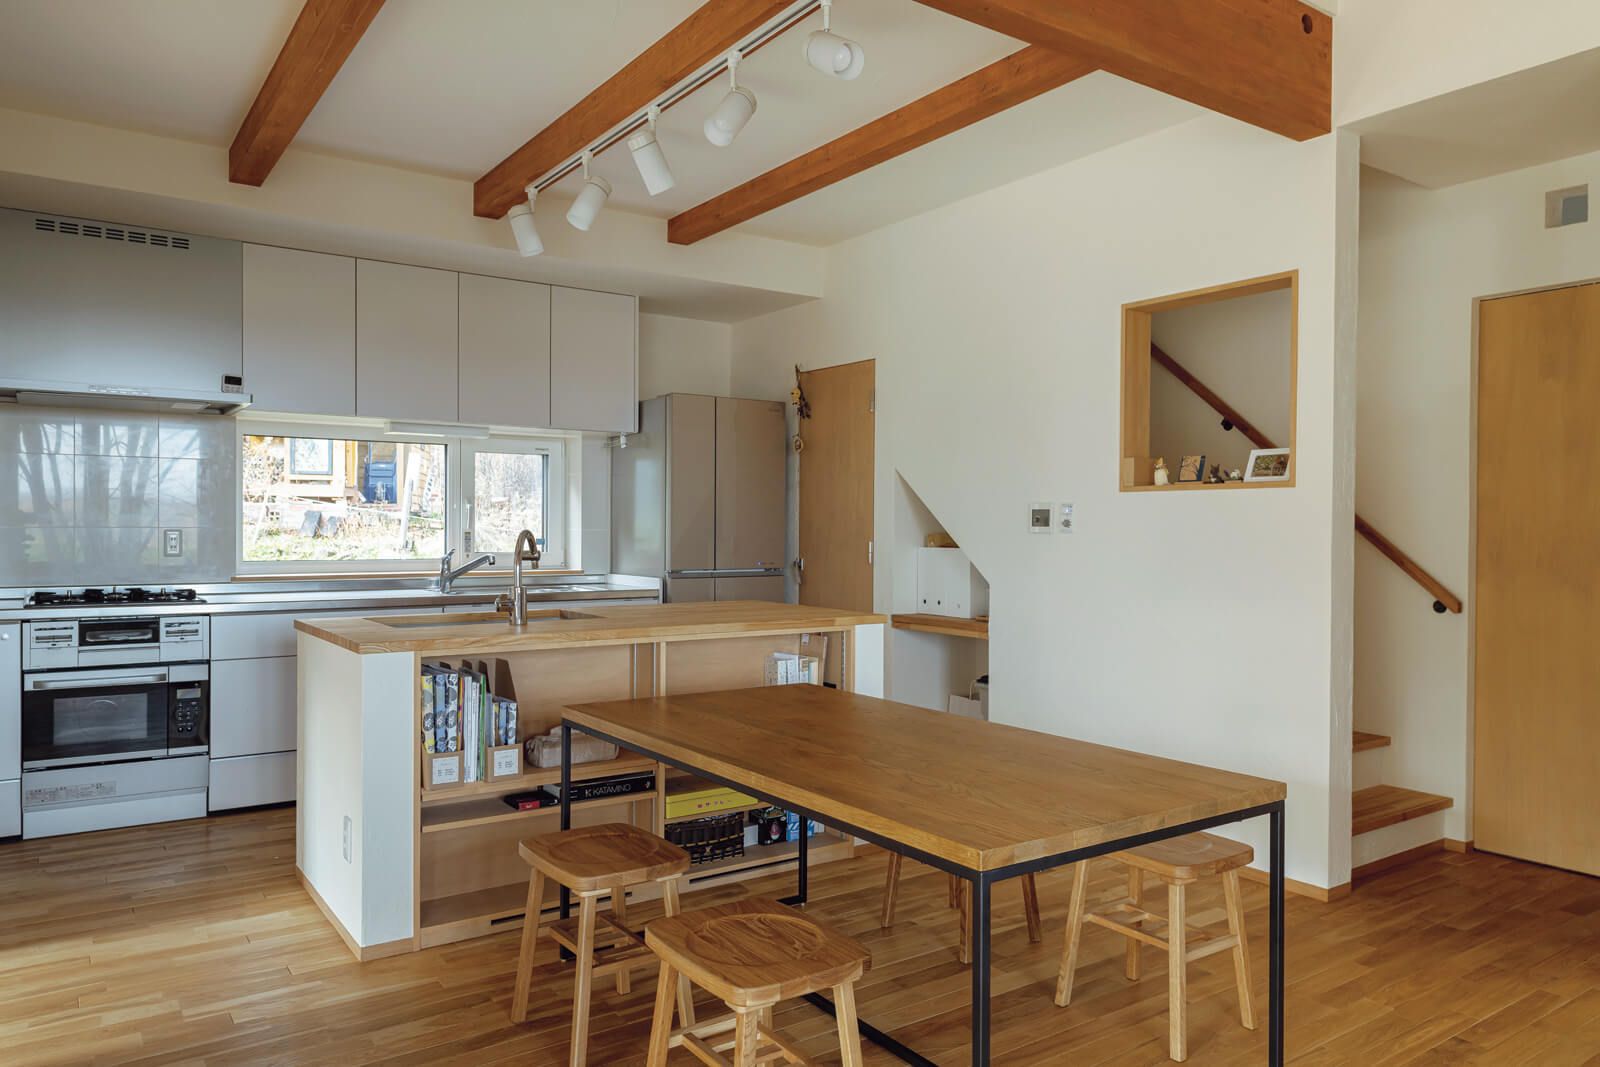 キッチンは、宿泊者と一緒に作業することも想定してシンクを2つに